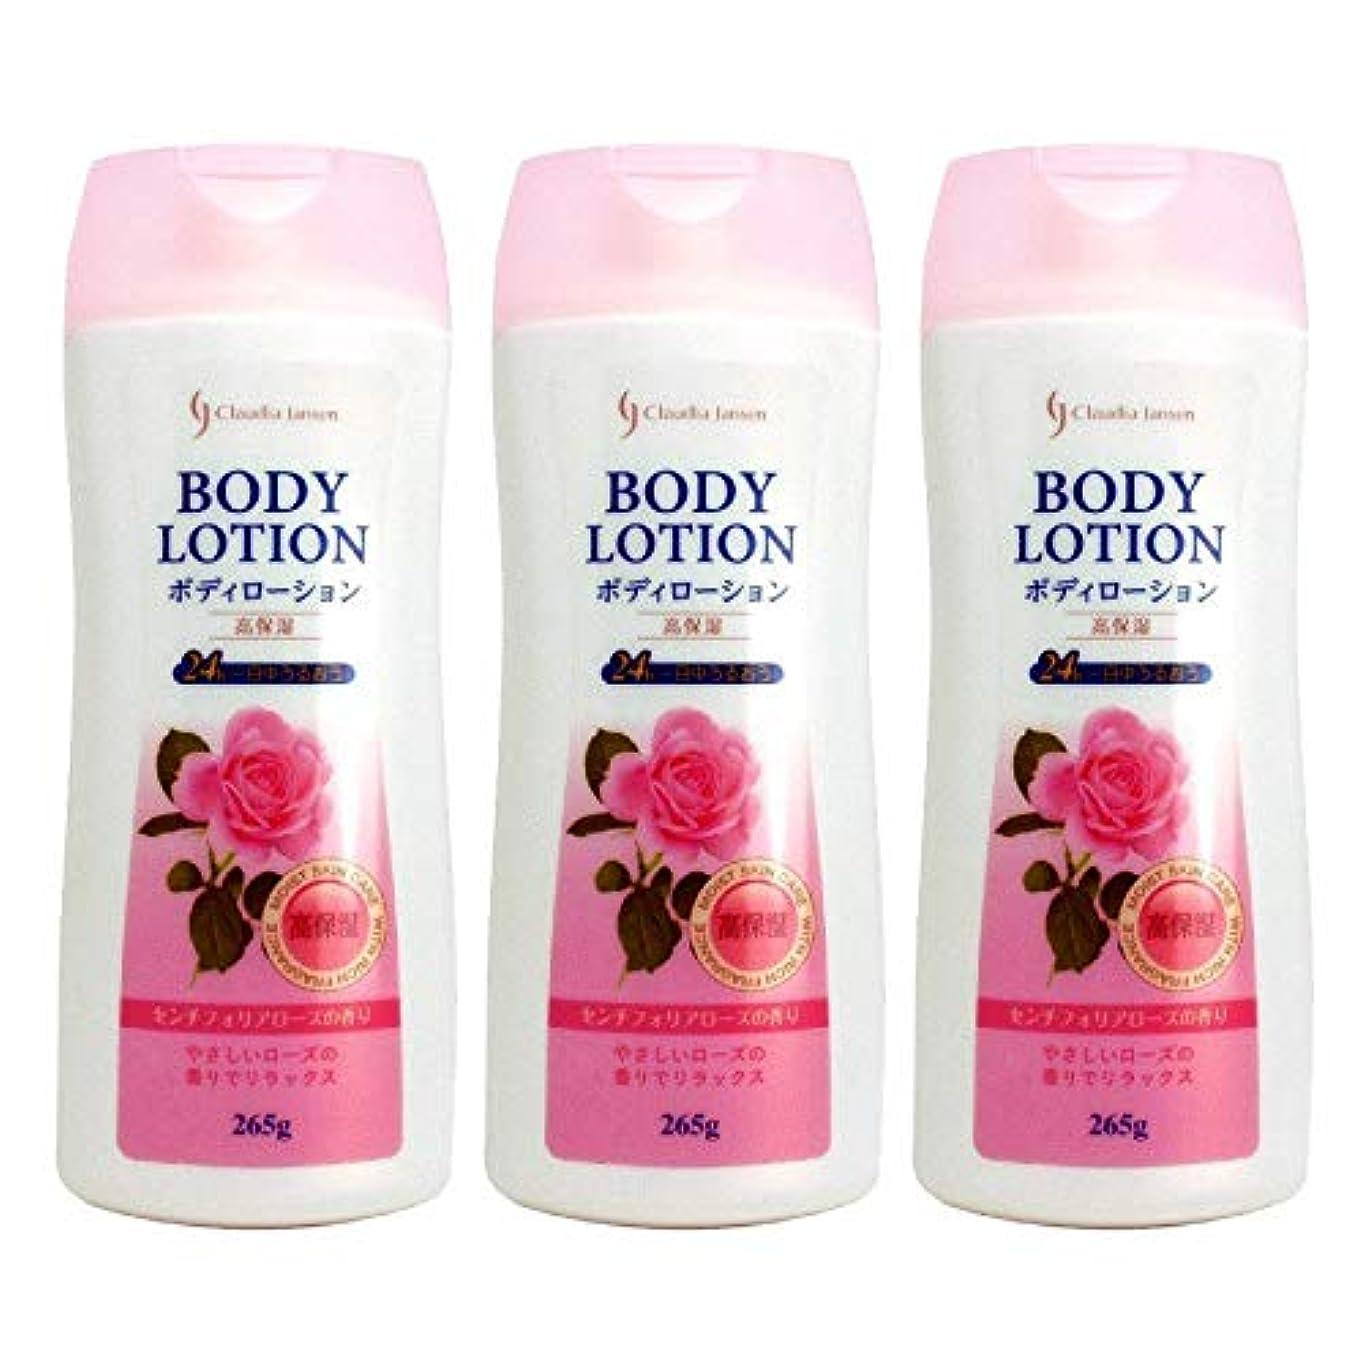 適用済みエキサイティング過言ボディローション センチフォリアローズの香り 265g 3本セット 人気 ボディクリーム 高保湿成分配合